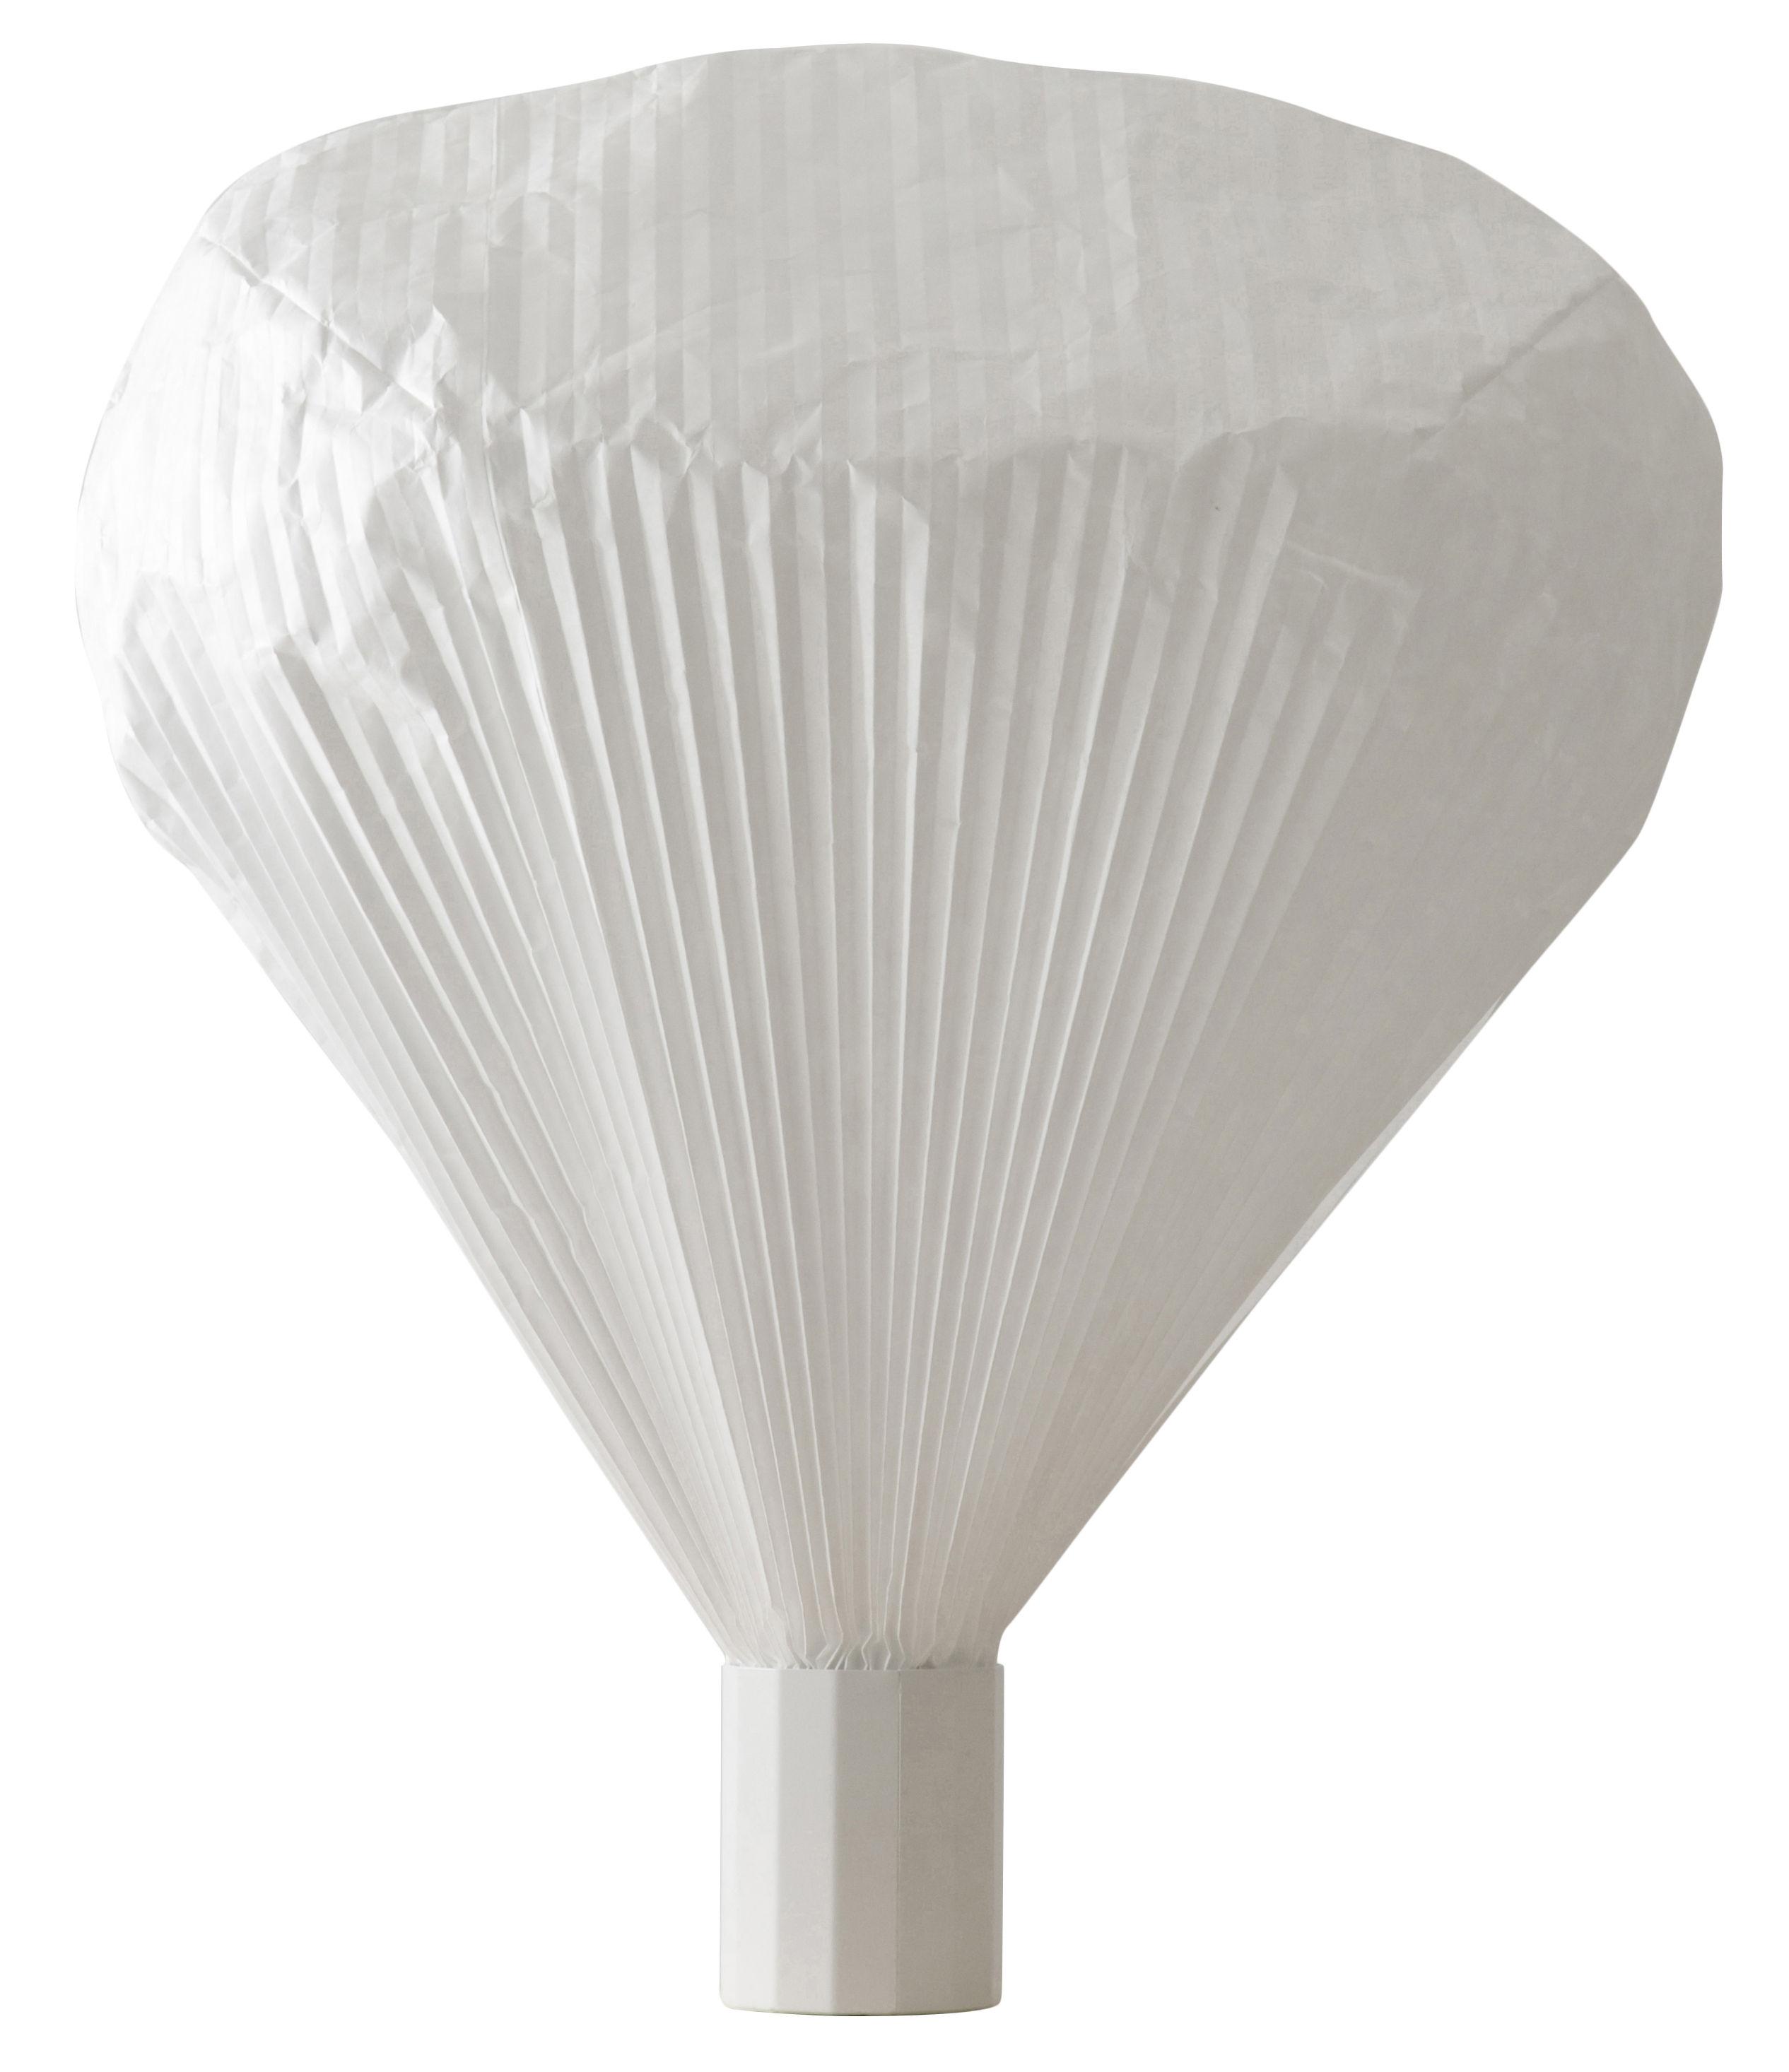 Luminaire - Lampes de table - Lampe de sol Vapeur h 85 cm - Moustache - H 85 cm - Blanc - Métal laqué, Papier Tyvek